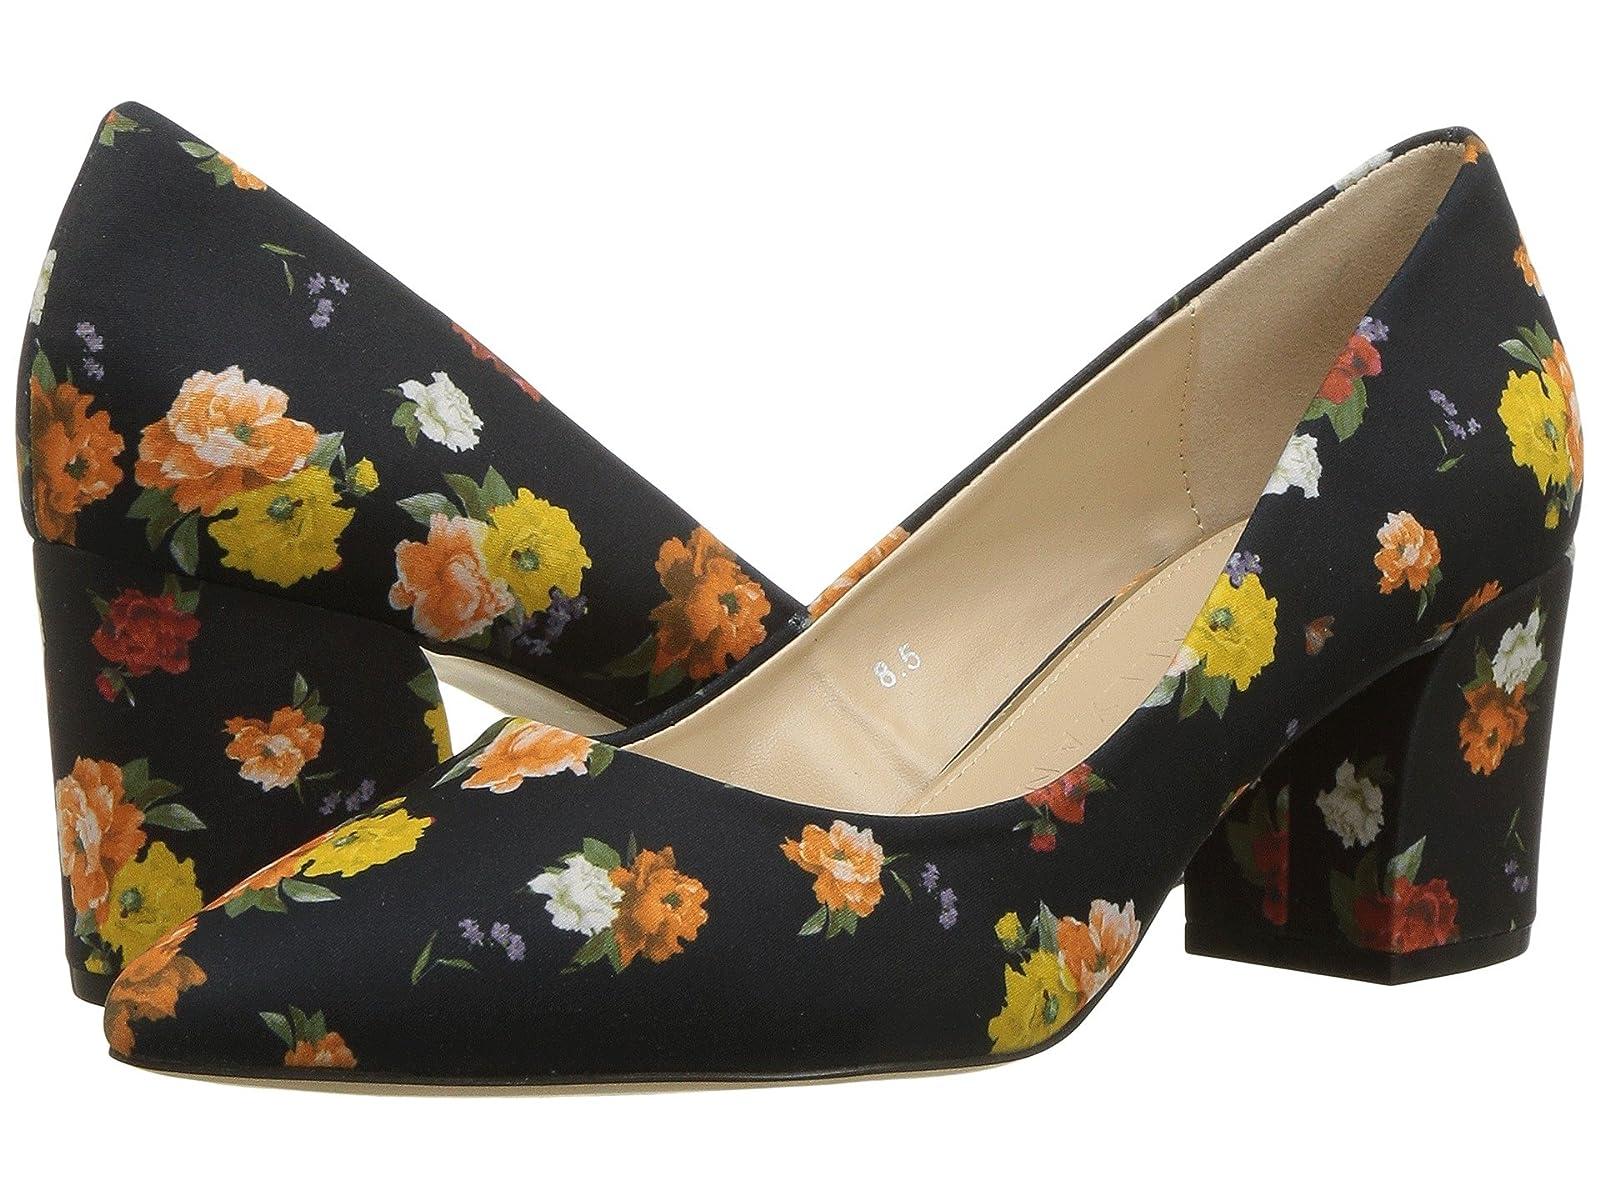 Athena Alexander HavenAtmospheric grades have affordable shoes